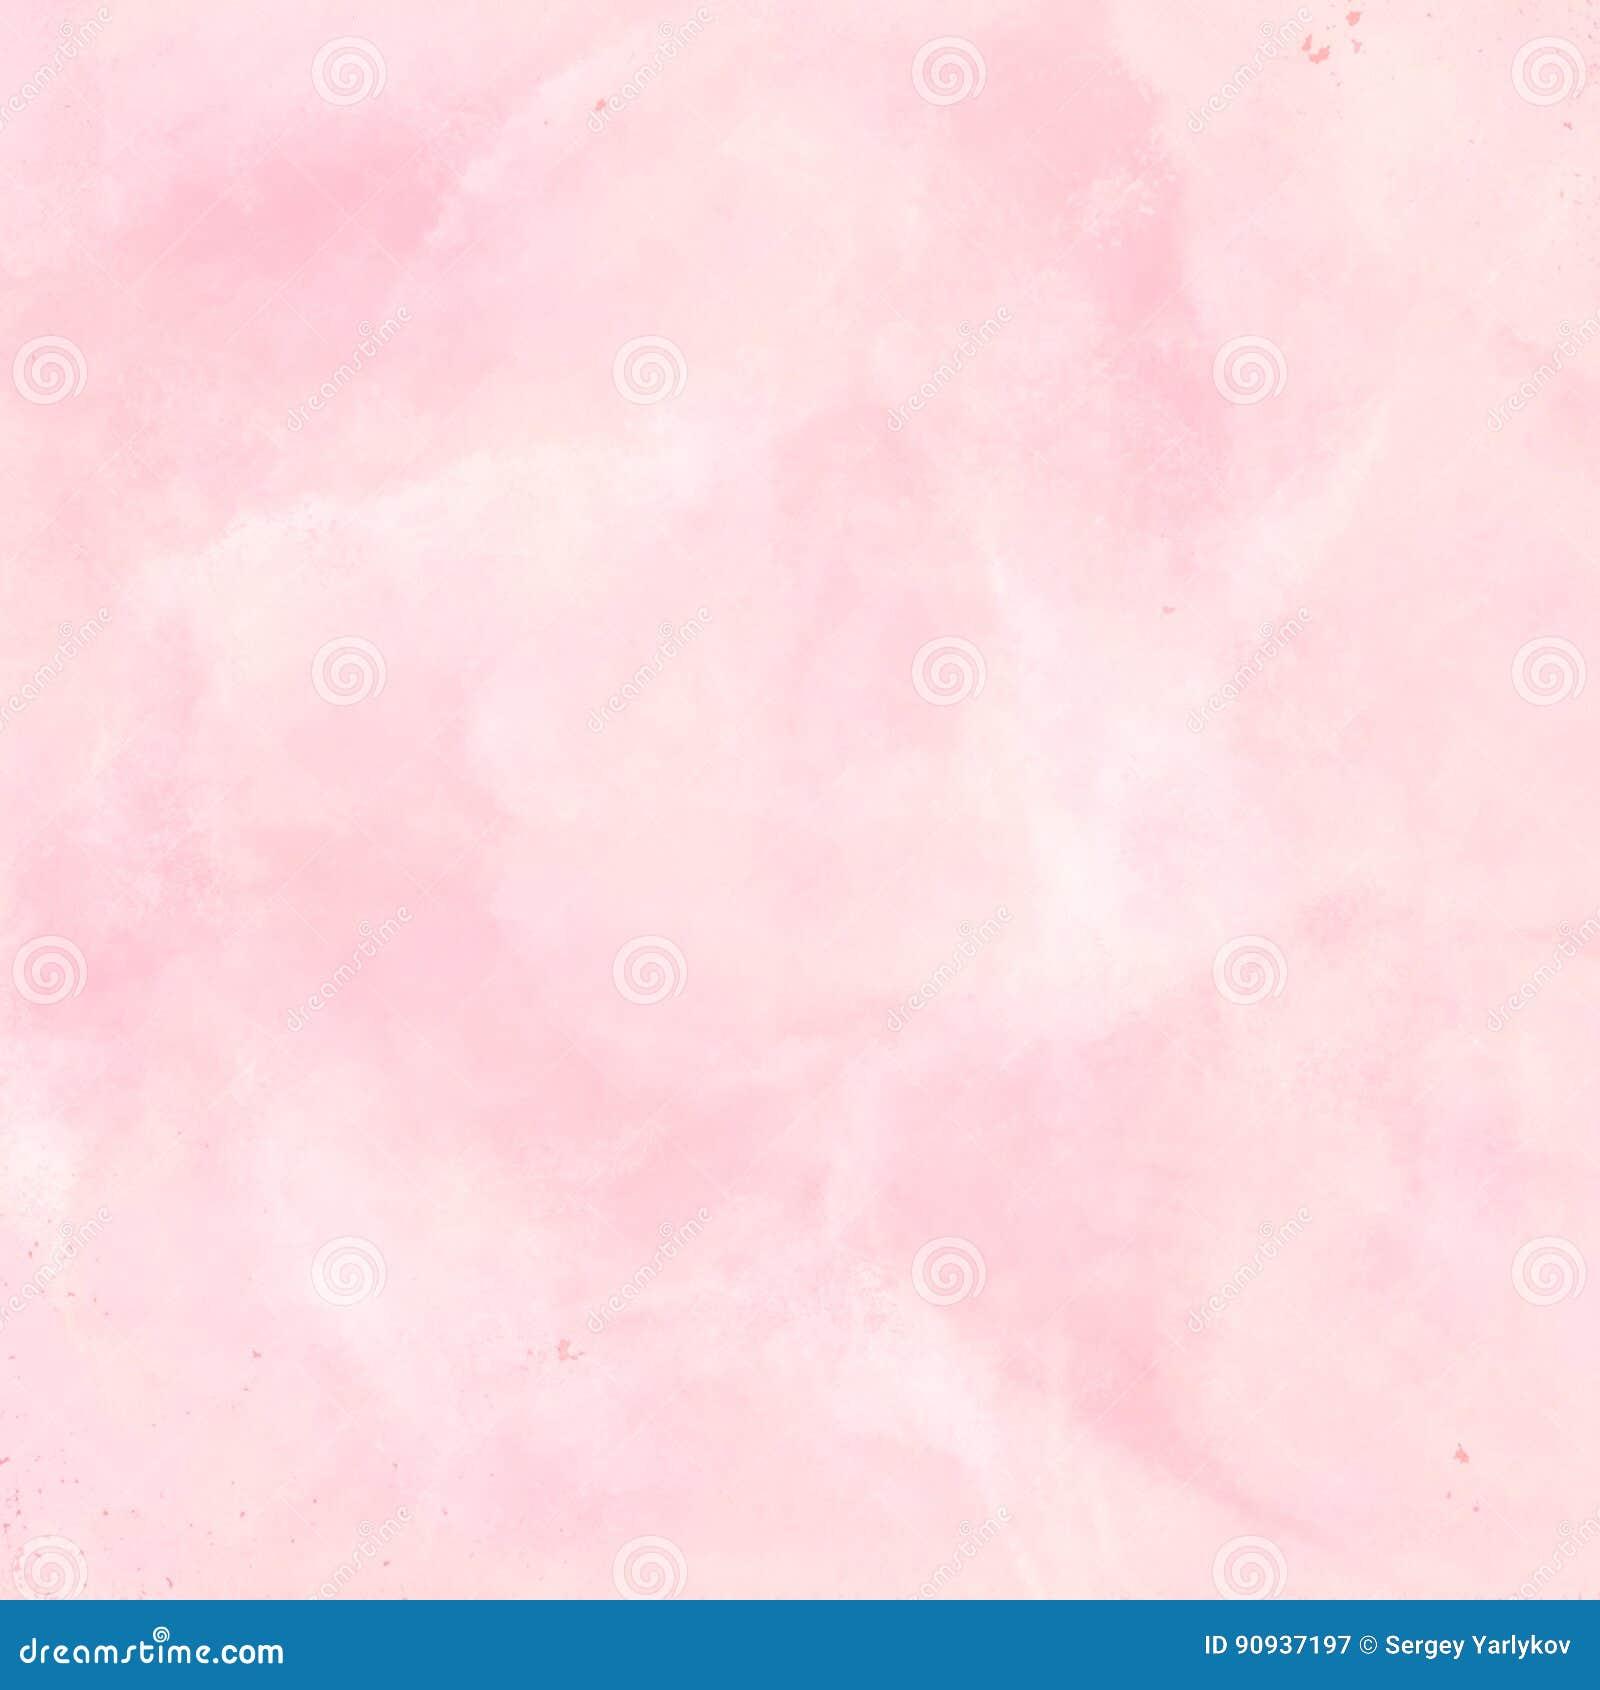 fond d 39 aquarelle couleur rose fond rose pastel. Black Bedroom Furniture Sets. Home Design Ideas